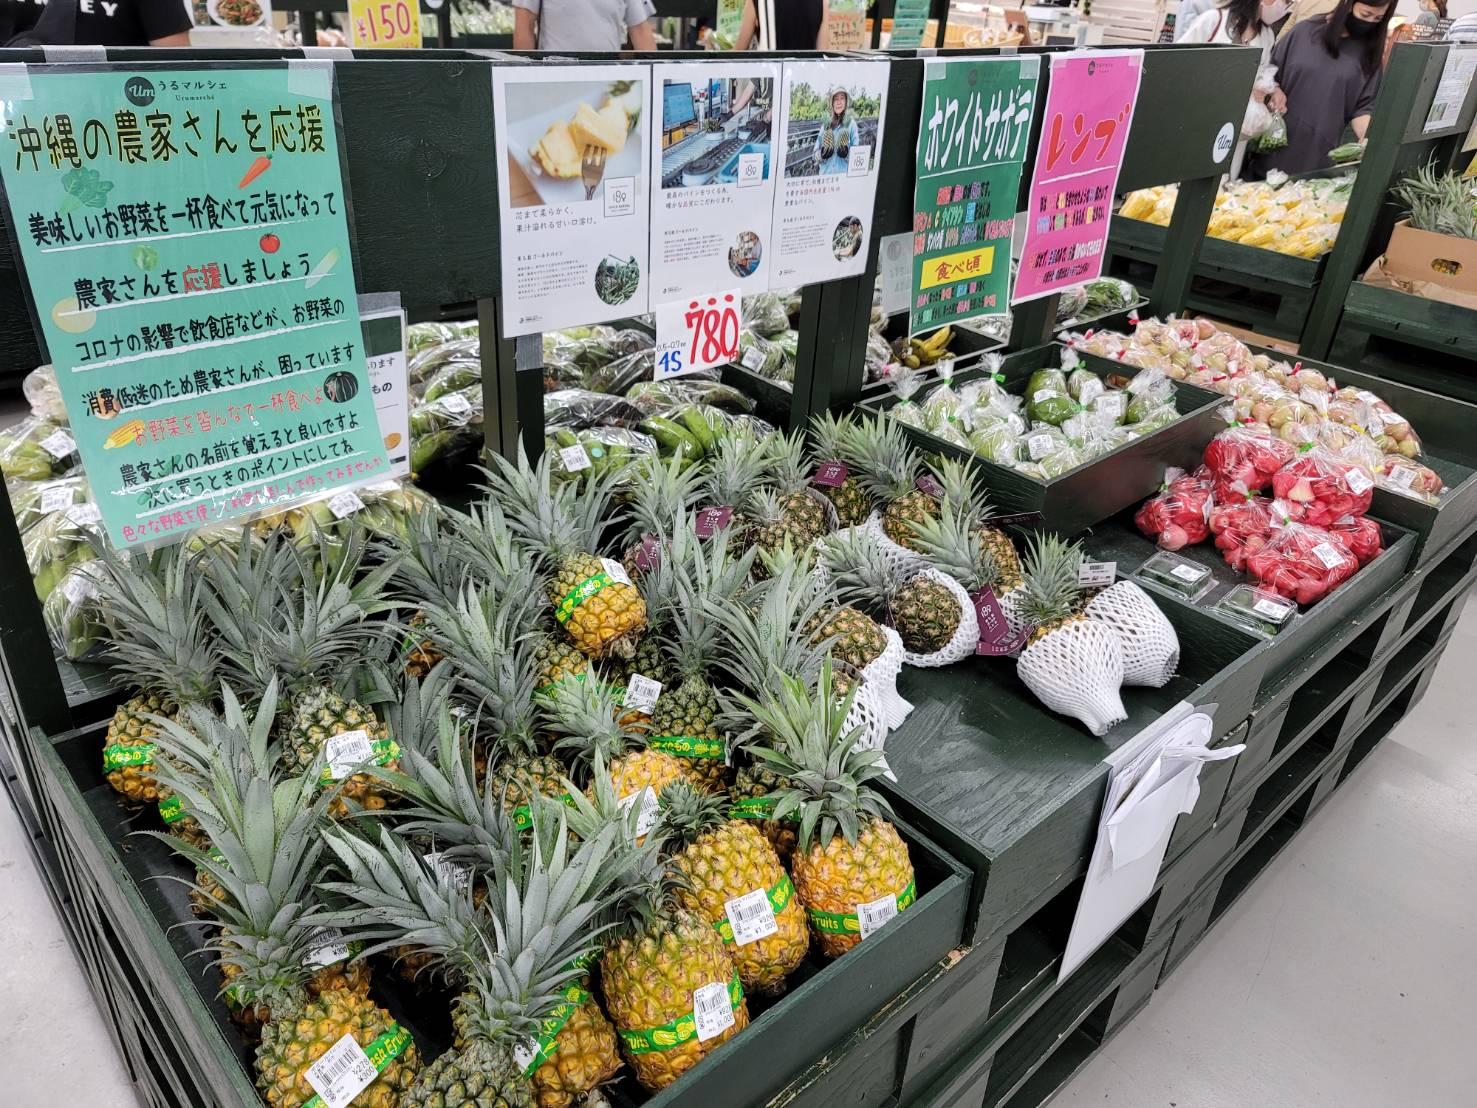 沖縄県うるま市にはうるマルシェがあり、新鮮な野菜や果物、魚が格安で販売されています❗️